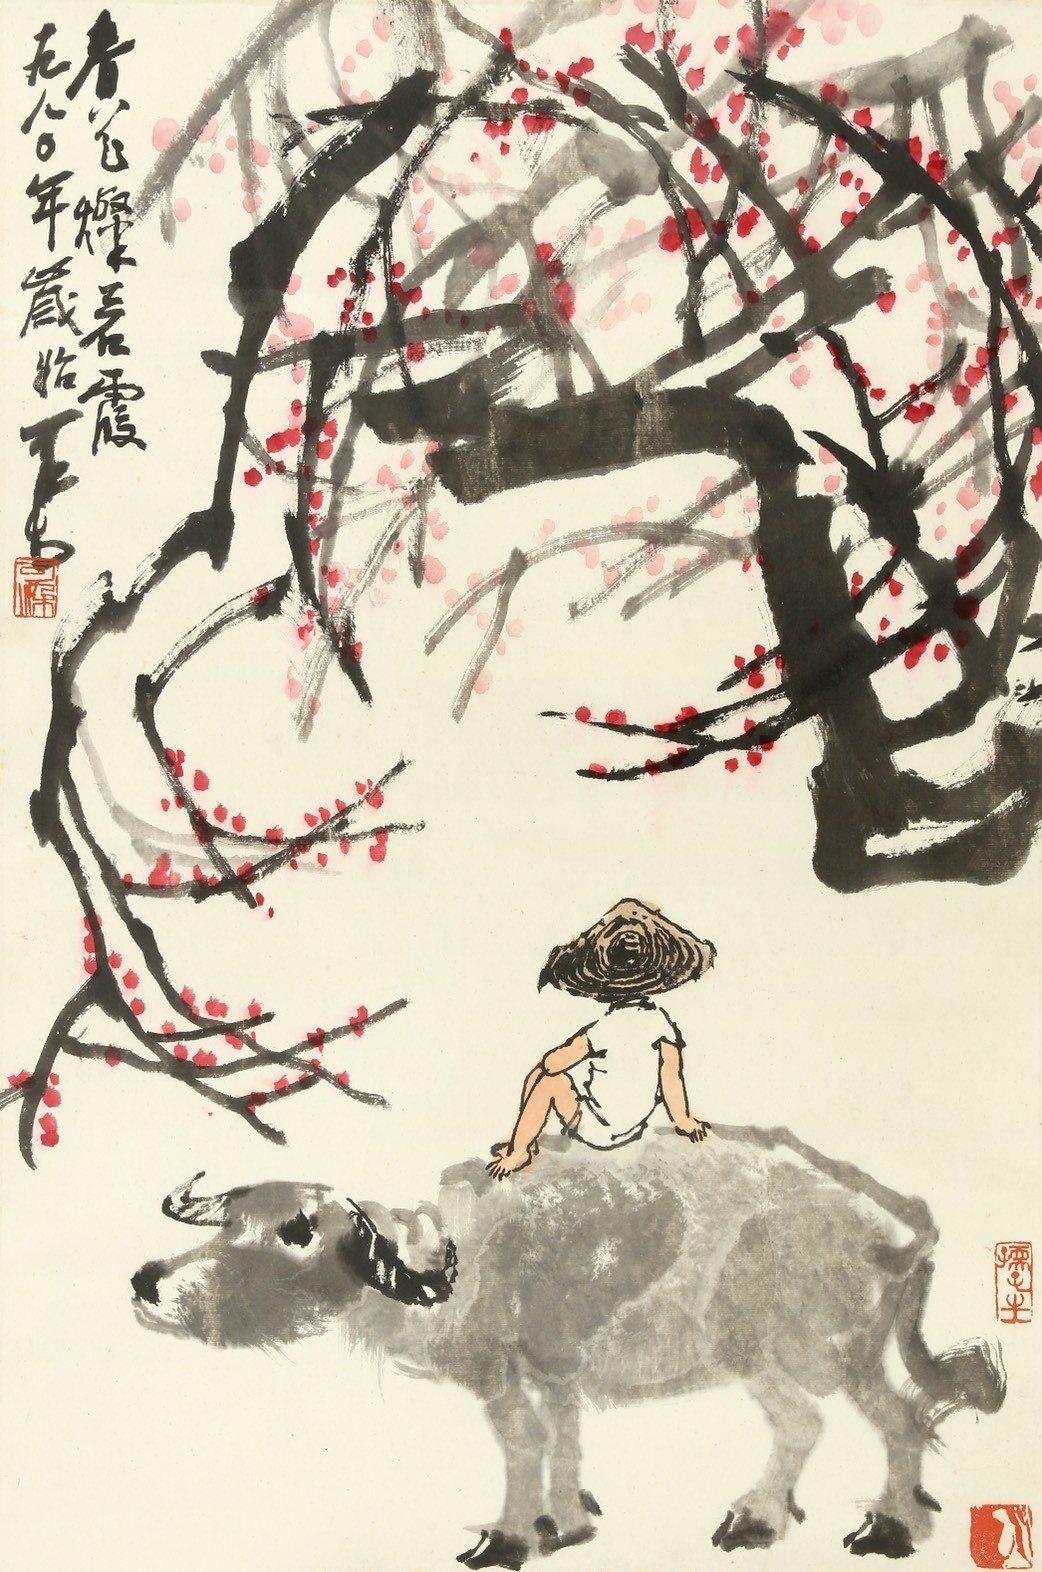 安德昇藝術拍賣於今(13)日舉辦2019年春季拍賣,中國山水寫生畫派代表人物李可...